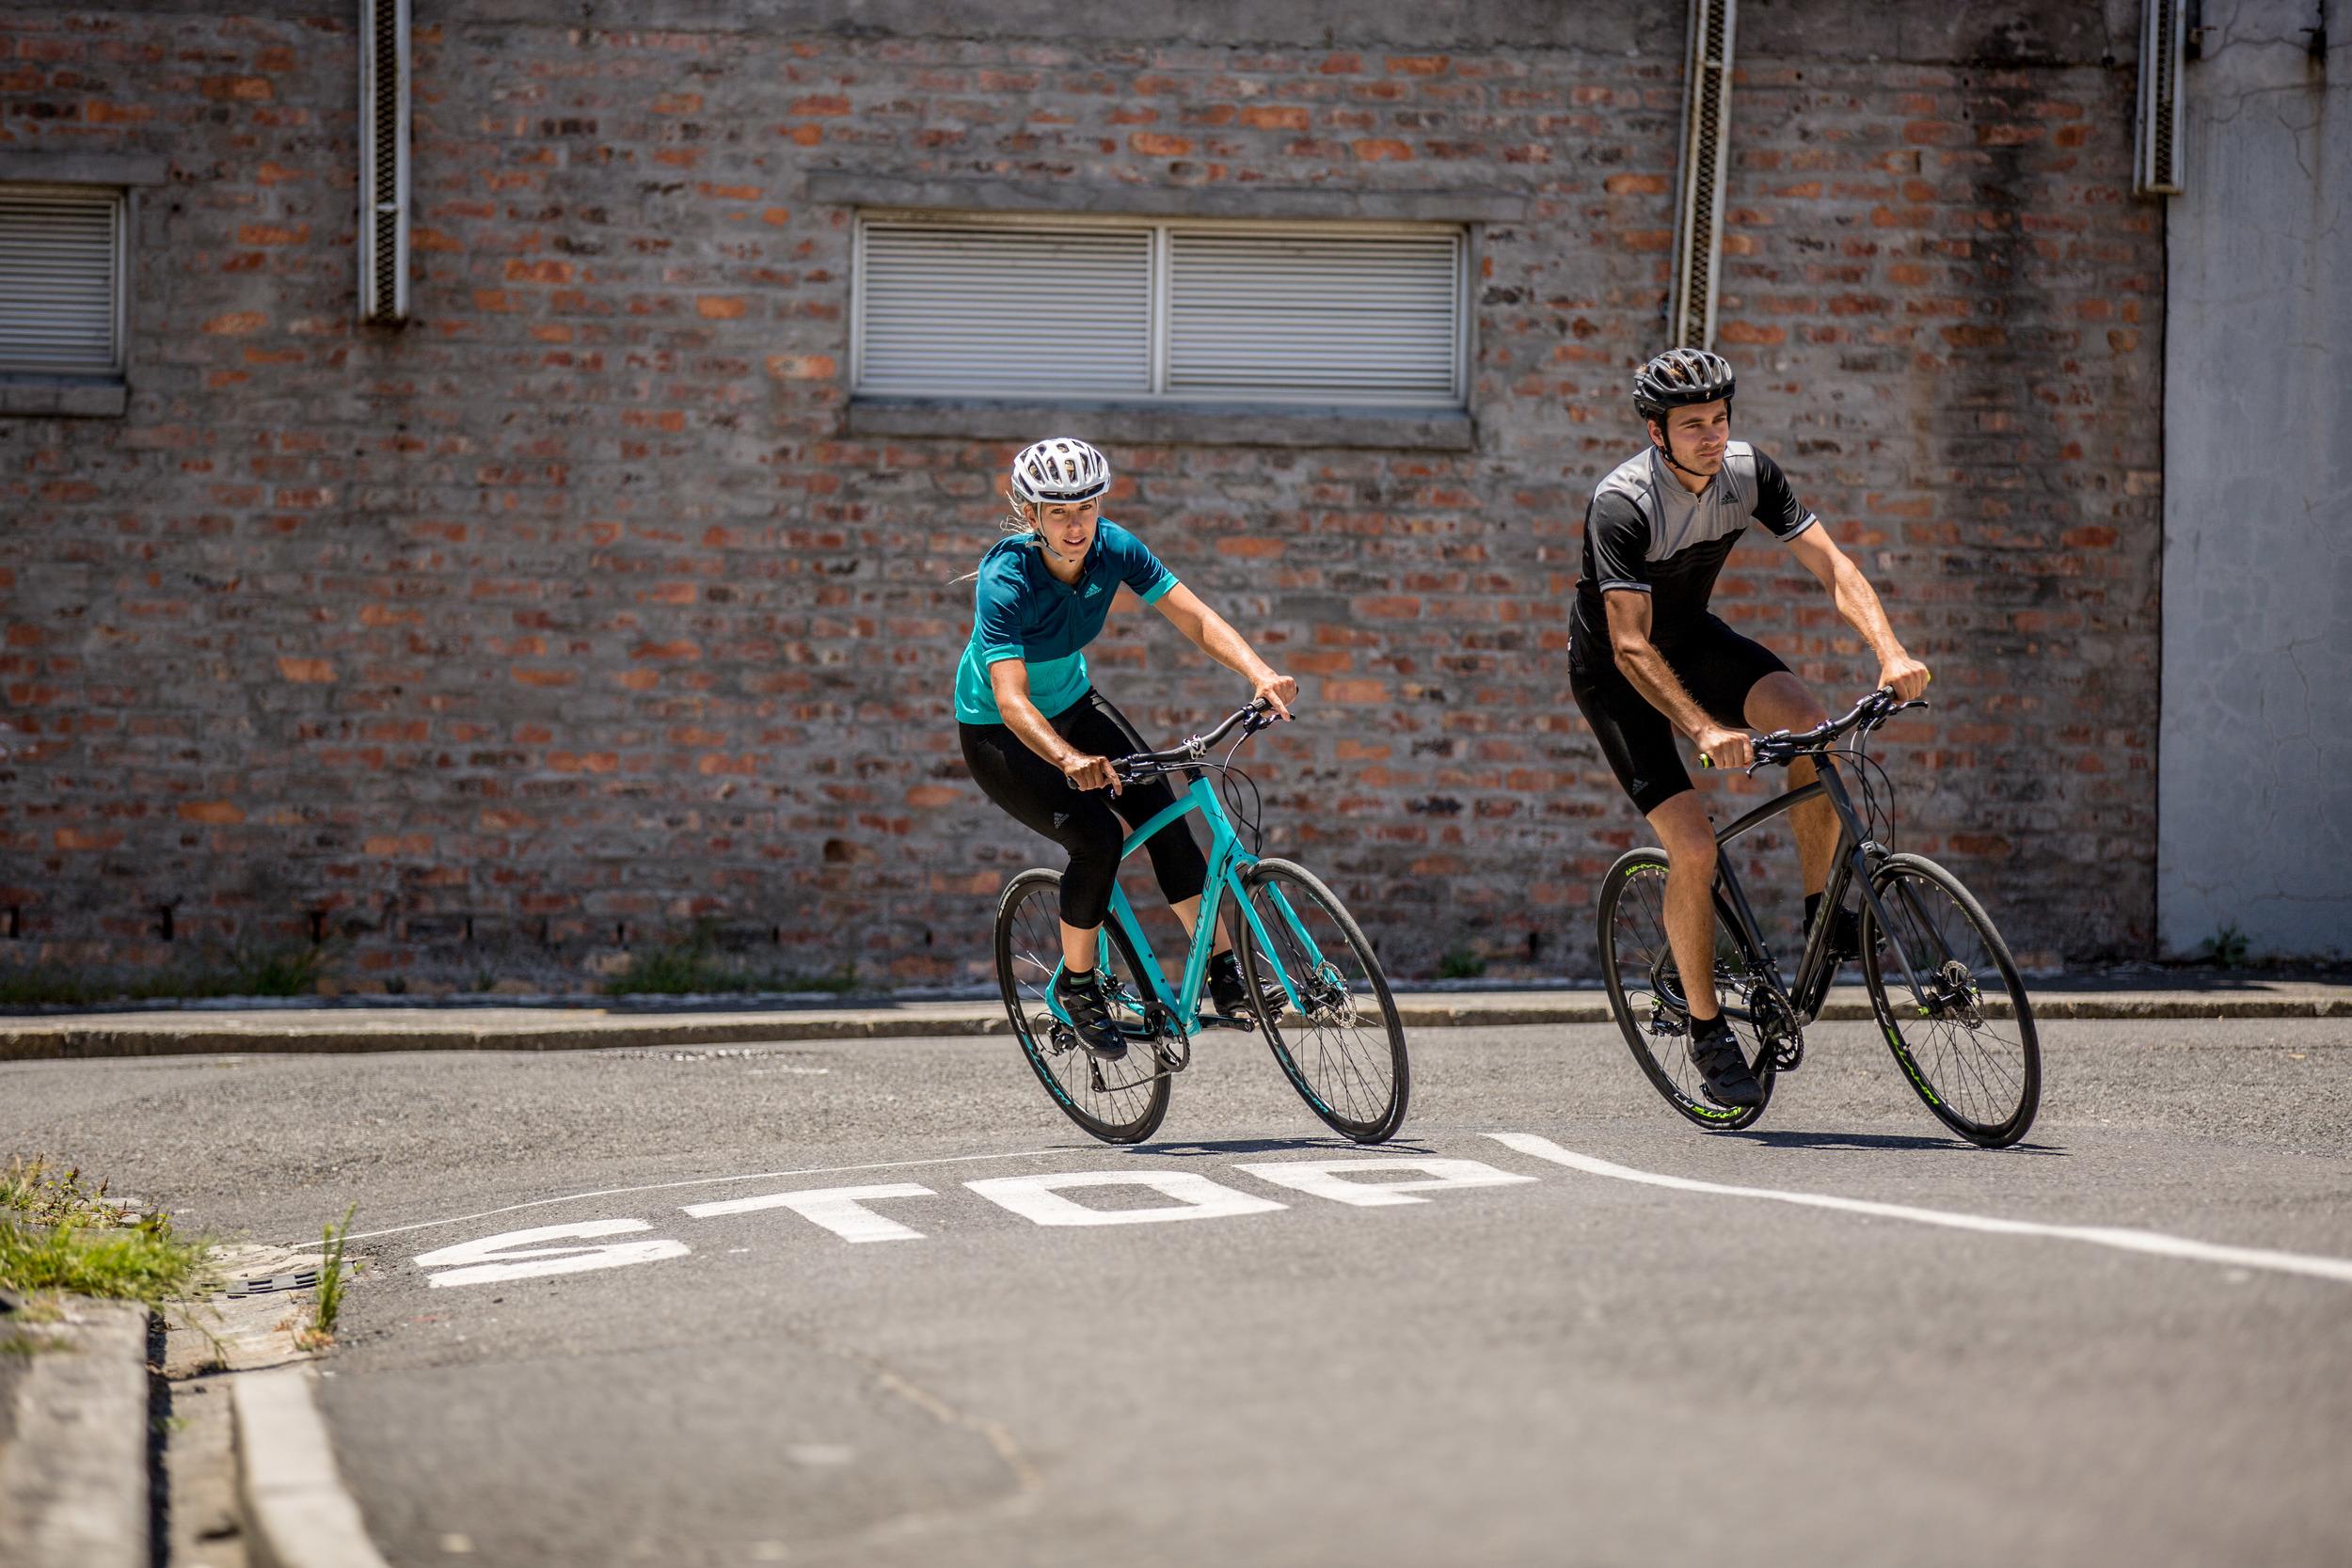 PW_S&R_Day_2_Cycling_Urban_Adidas_0112.jpg